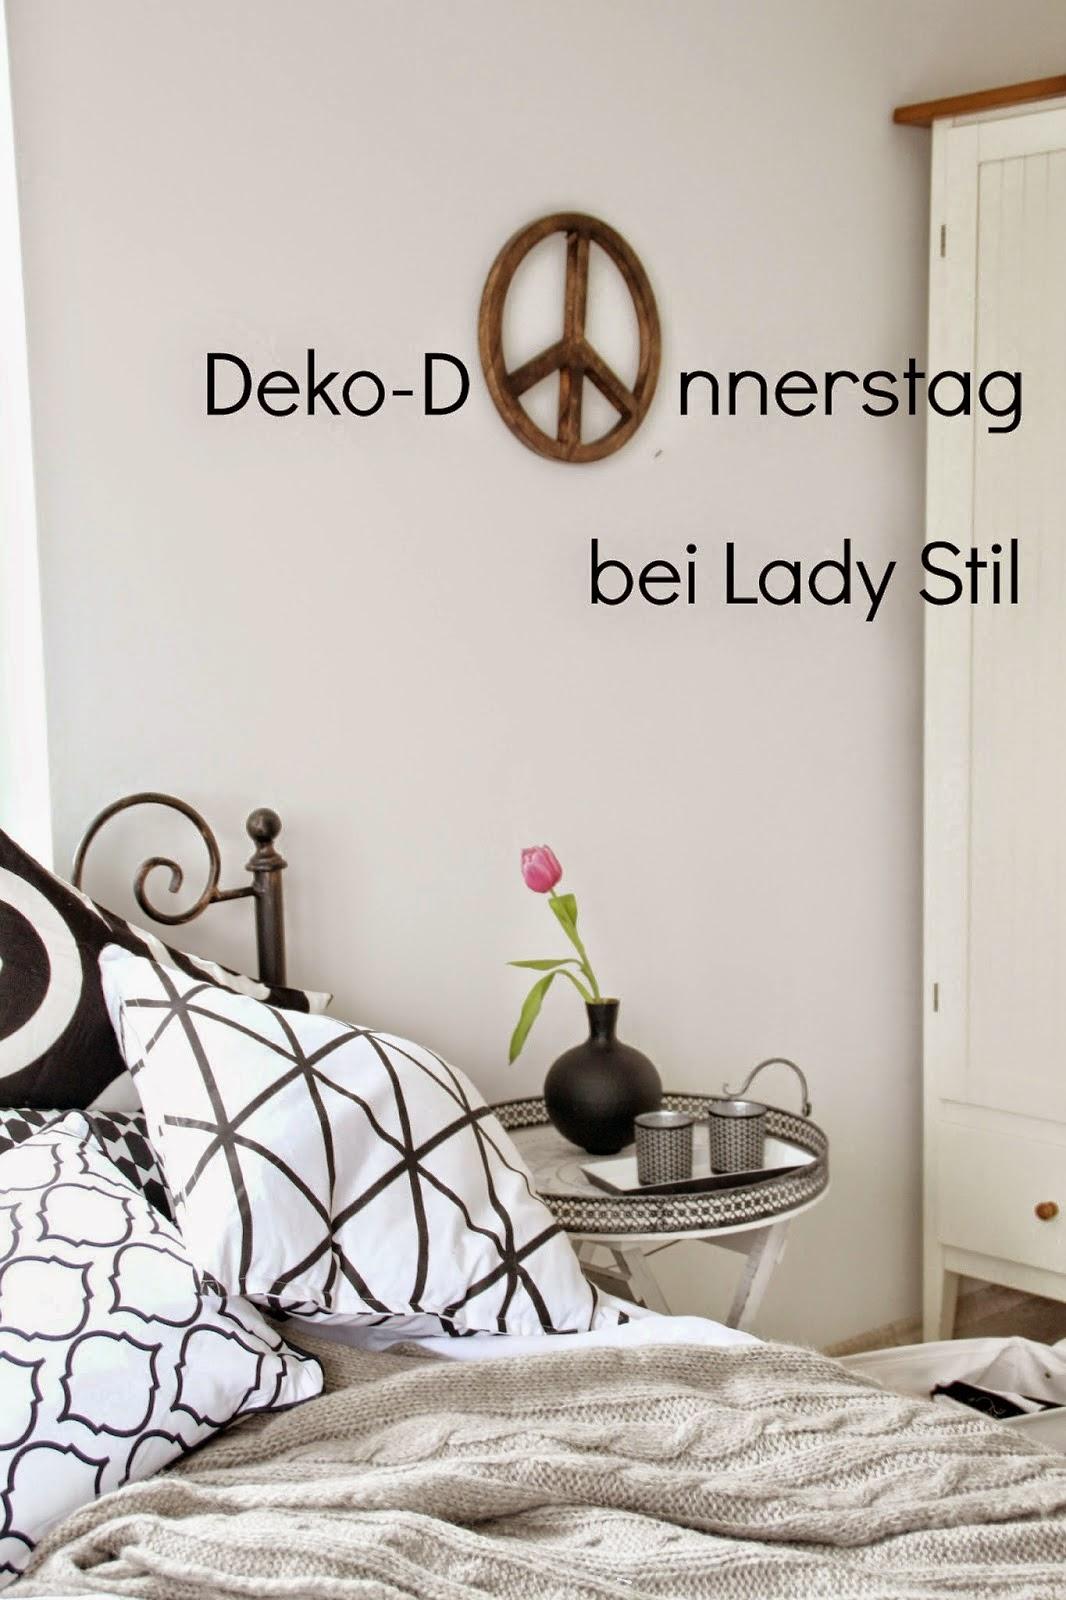 Deko-Donnerstag bei Lady Stil